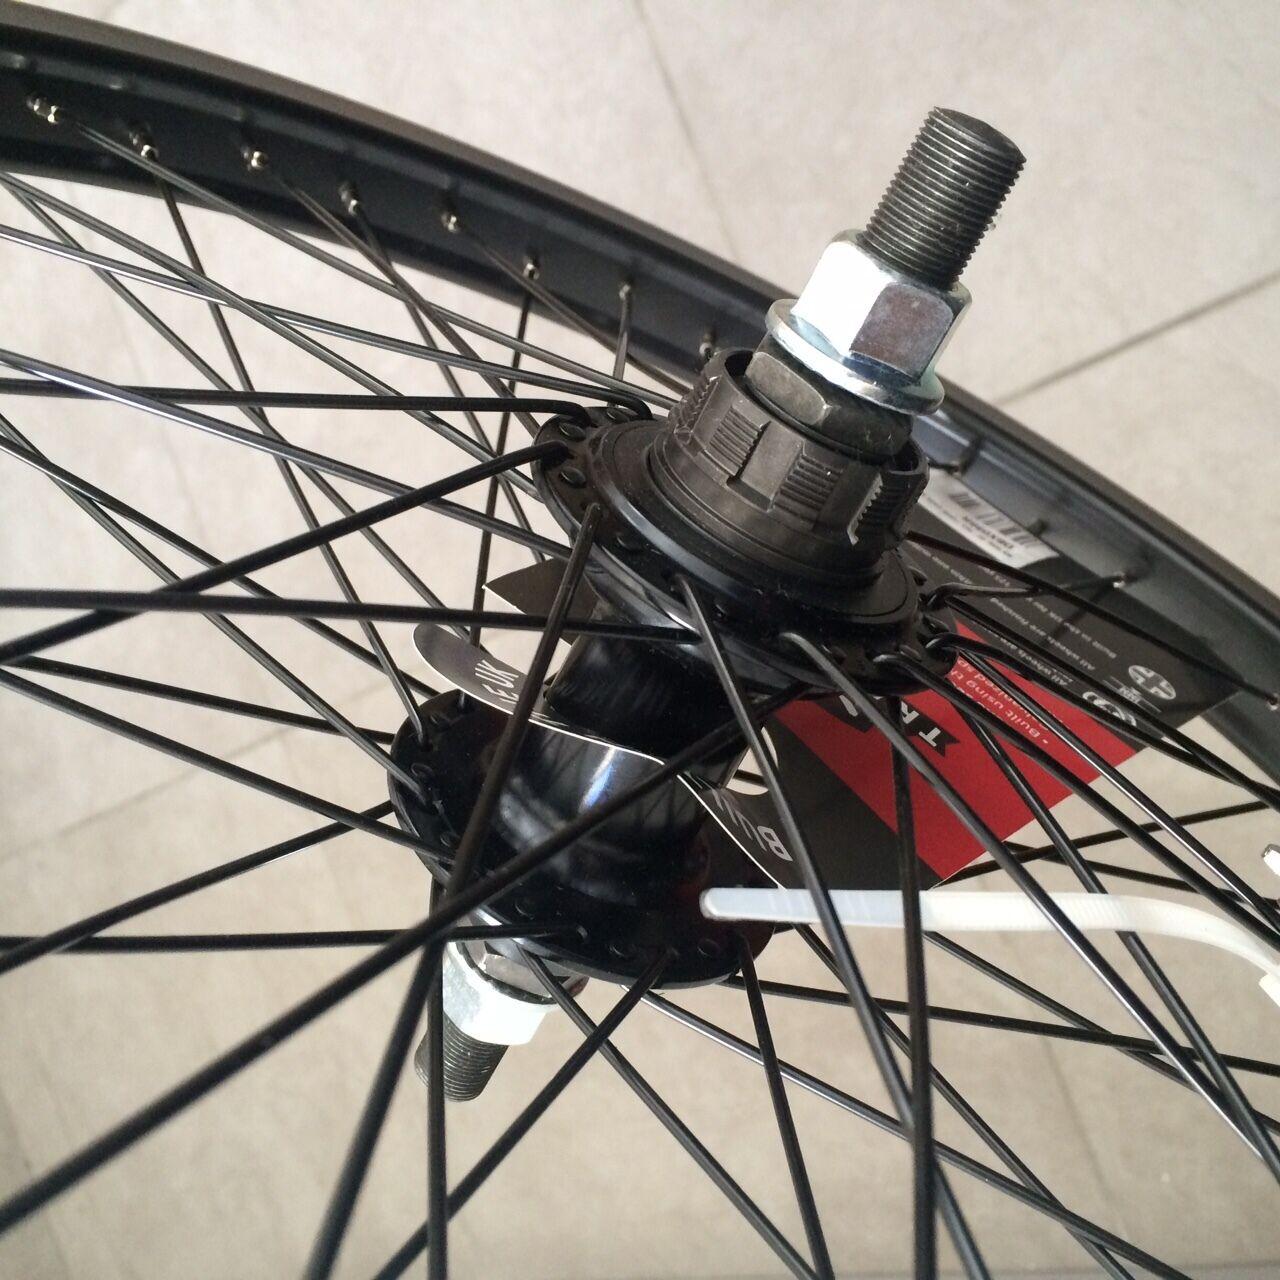 Rad RALEIGH RALEIGH RALEIGH Achse 14mm 48 Speichen Felge BMX Fahrrad Dirt Freestyle neu a46124